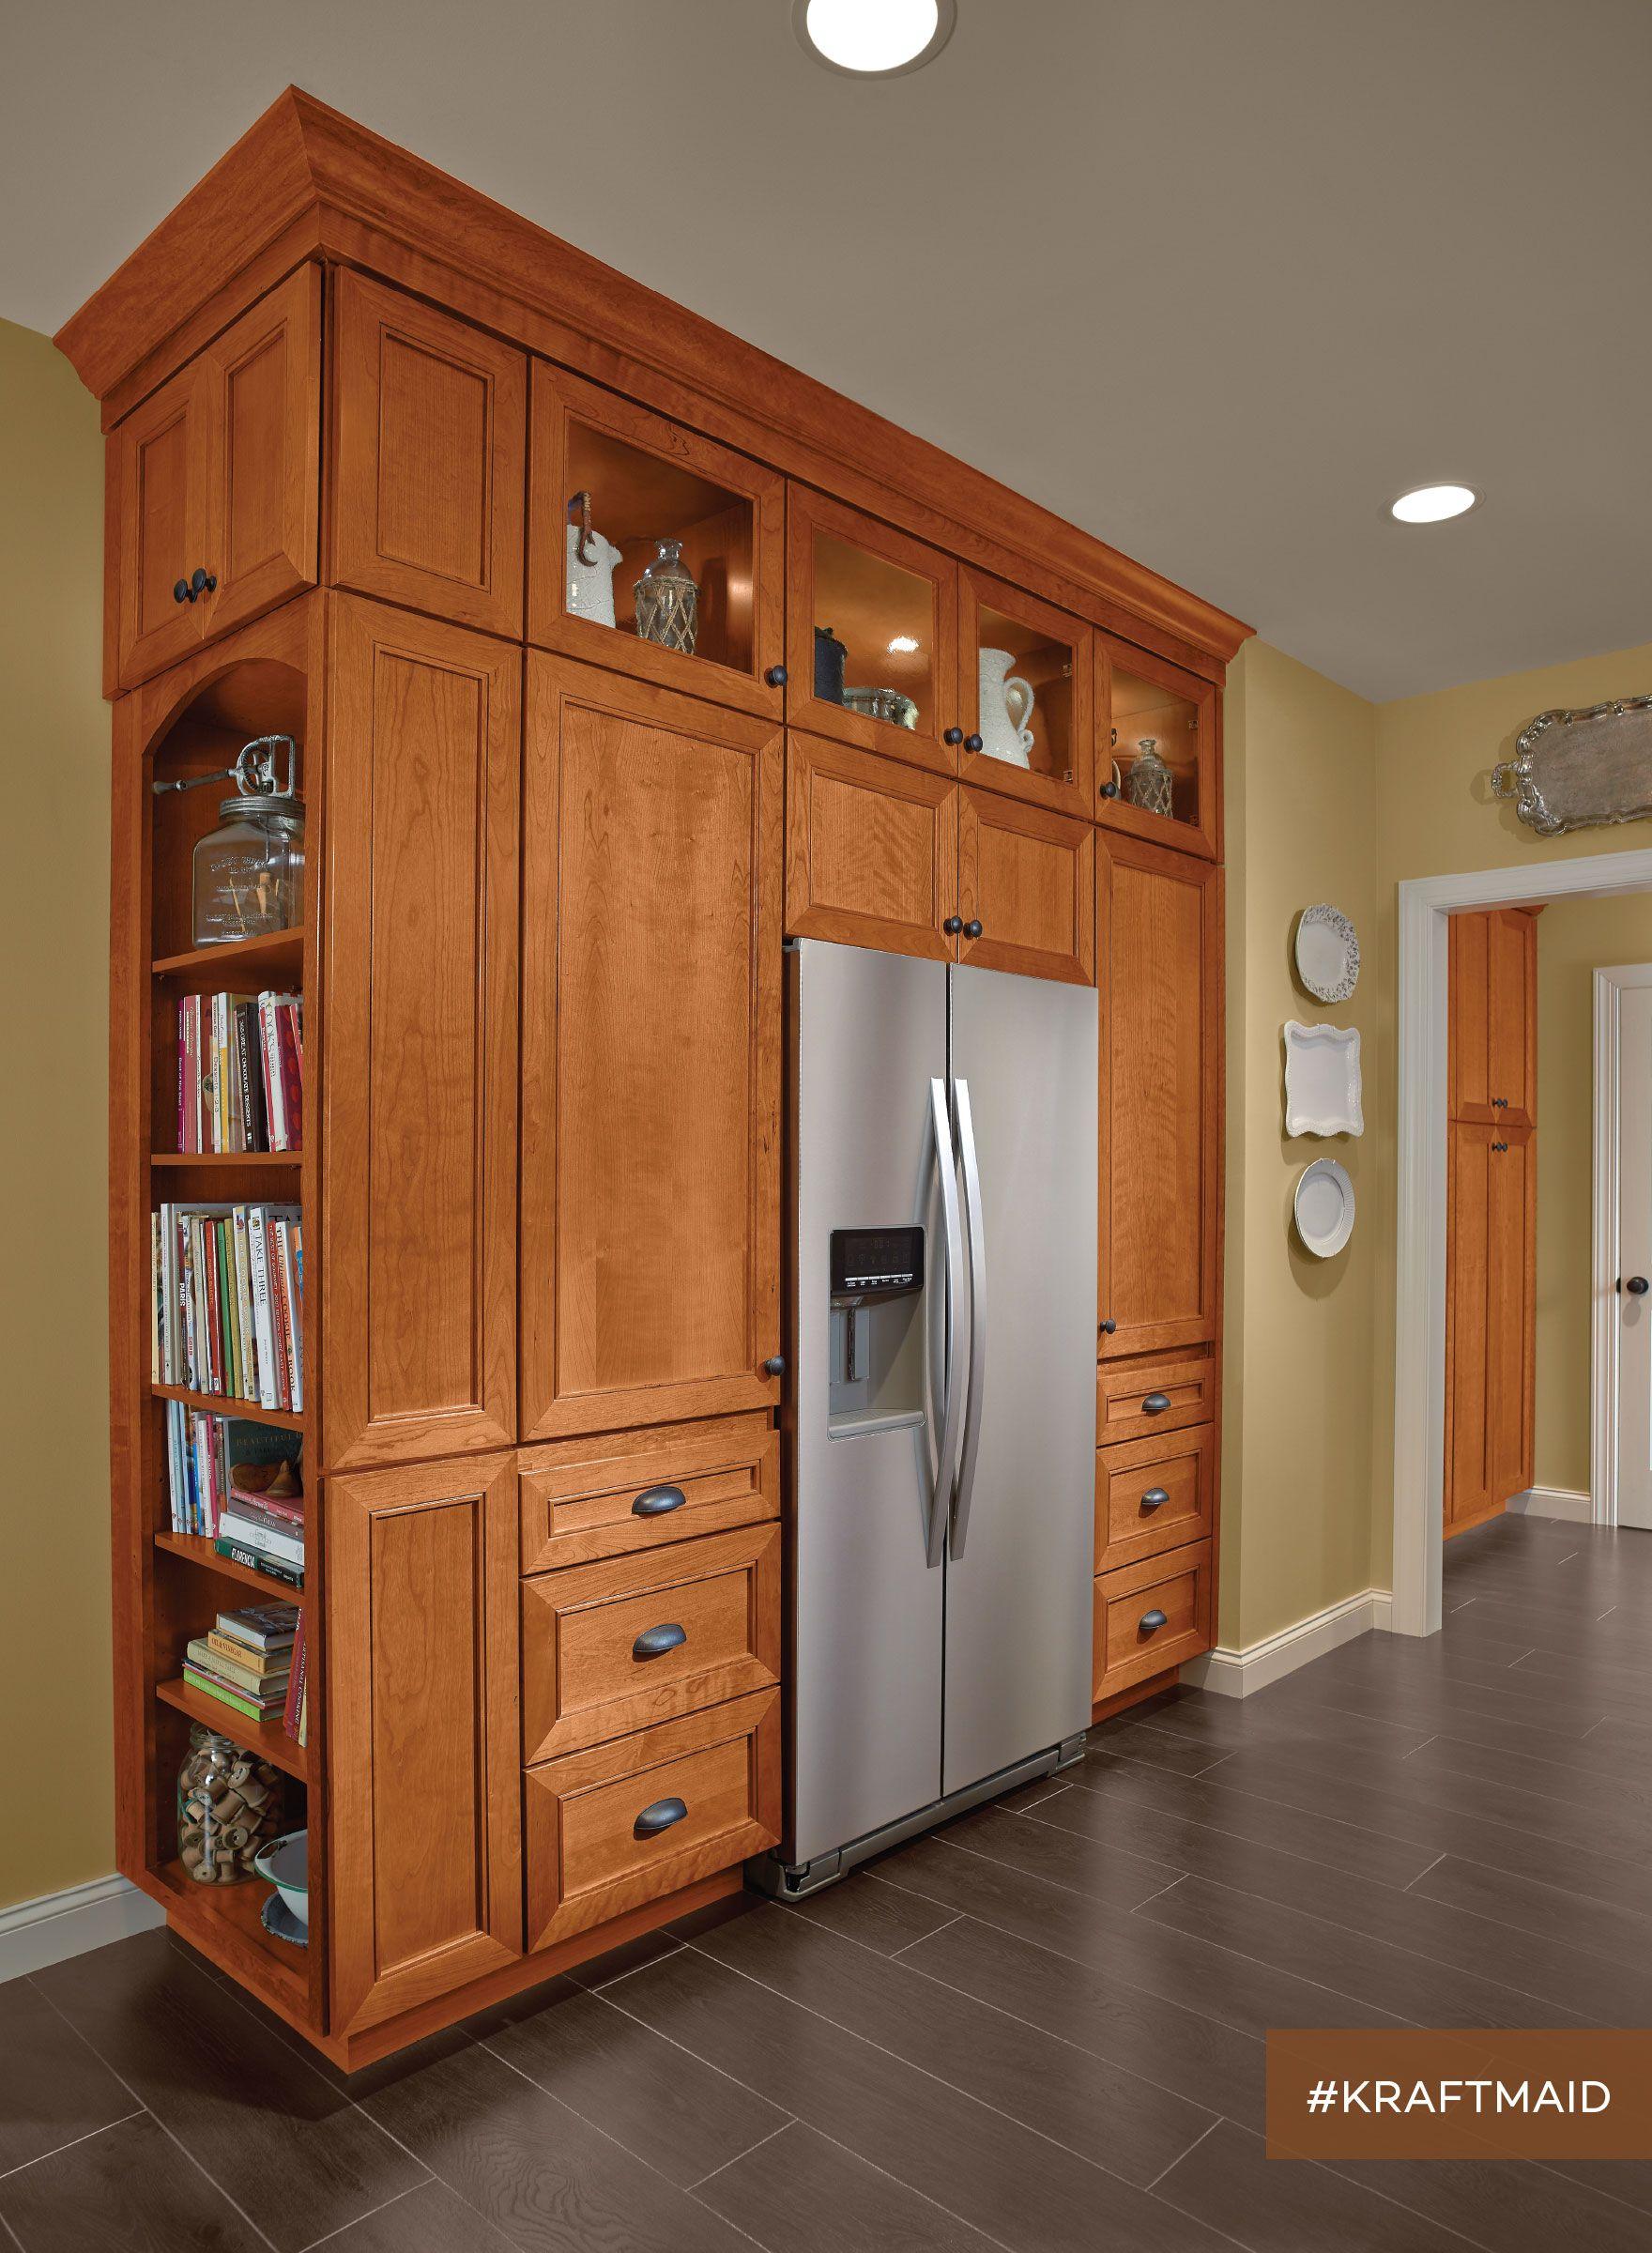 Modern Kitchen Ideas 5 Hardworking Products Affordable Kitchen Cabinets Kraftmaid Kitchen Cabinets Diy Kitchen Cabinets